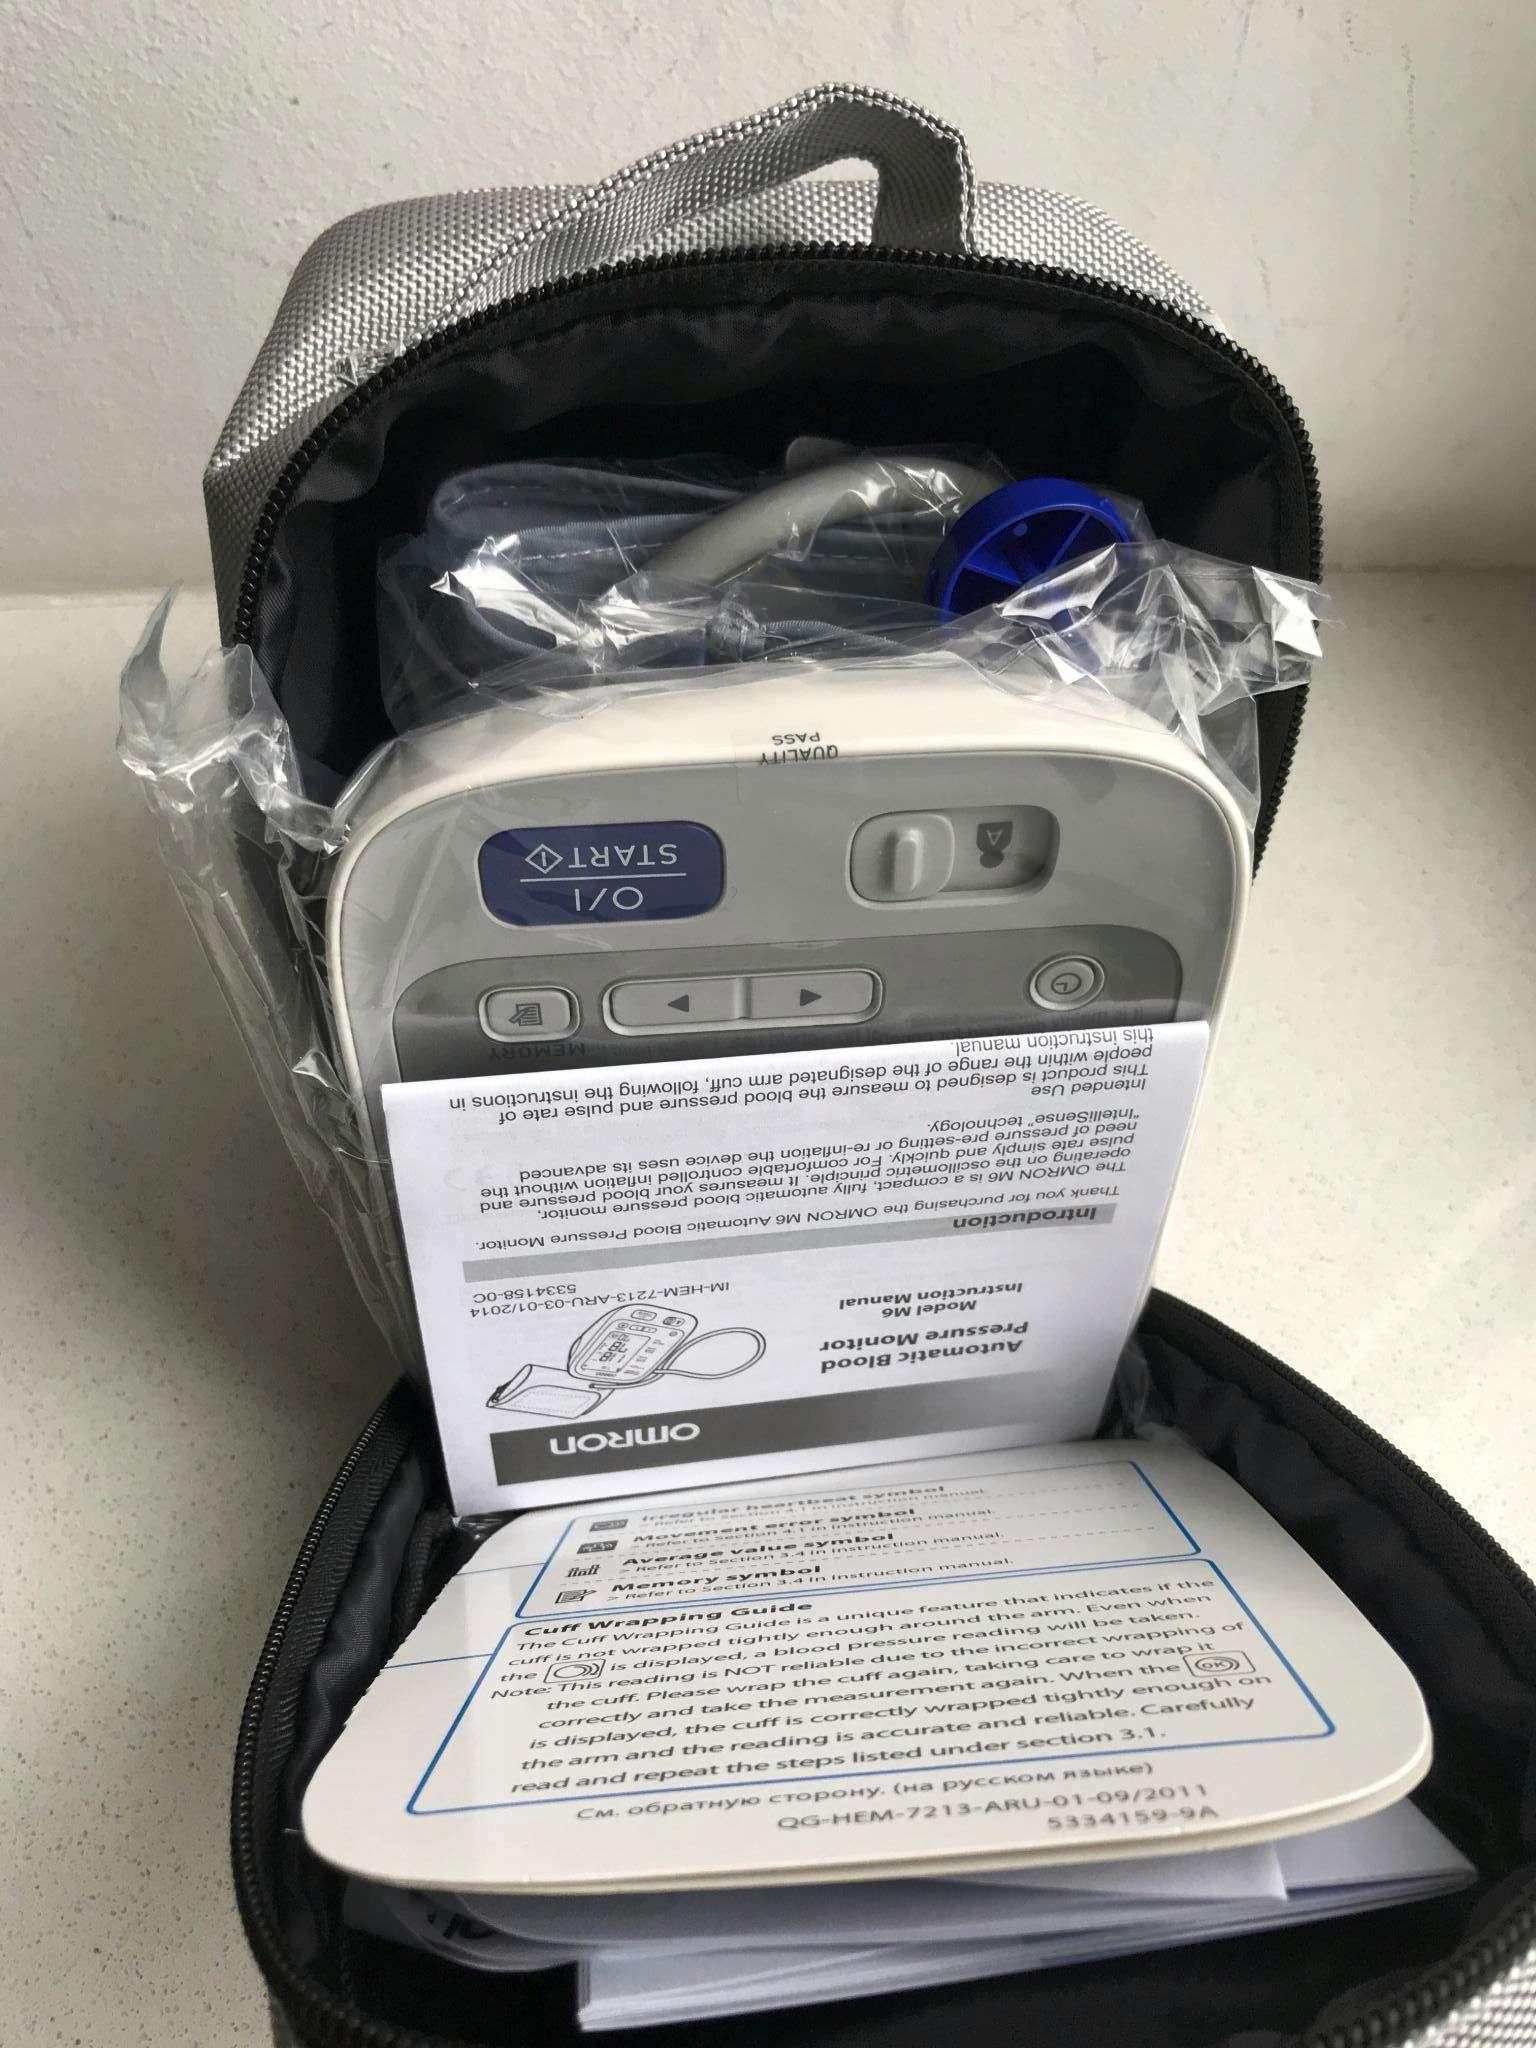 a94a6076fdbe tonometr omron m6 avtomaticheskiy adapter universalnaya manzheta hem 7213 aru 1507454568 1.JPG